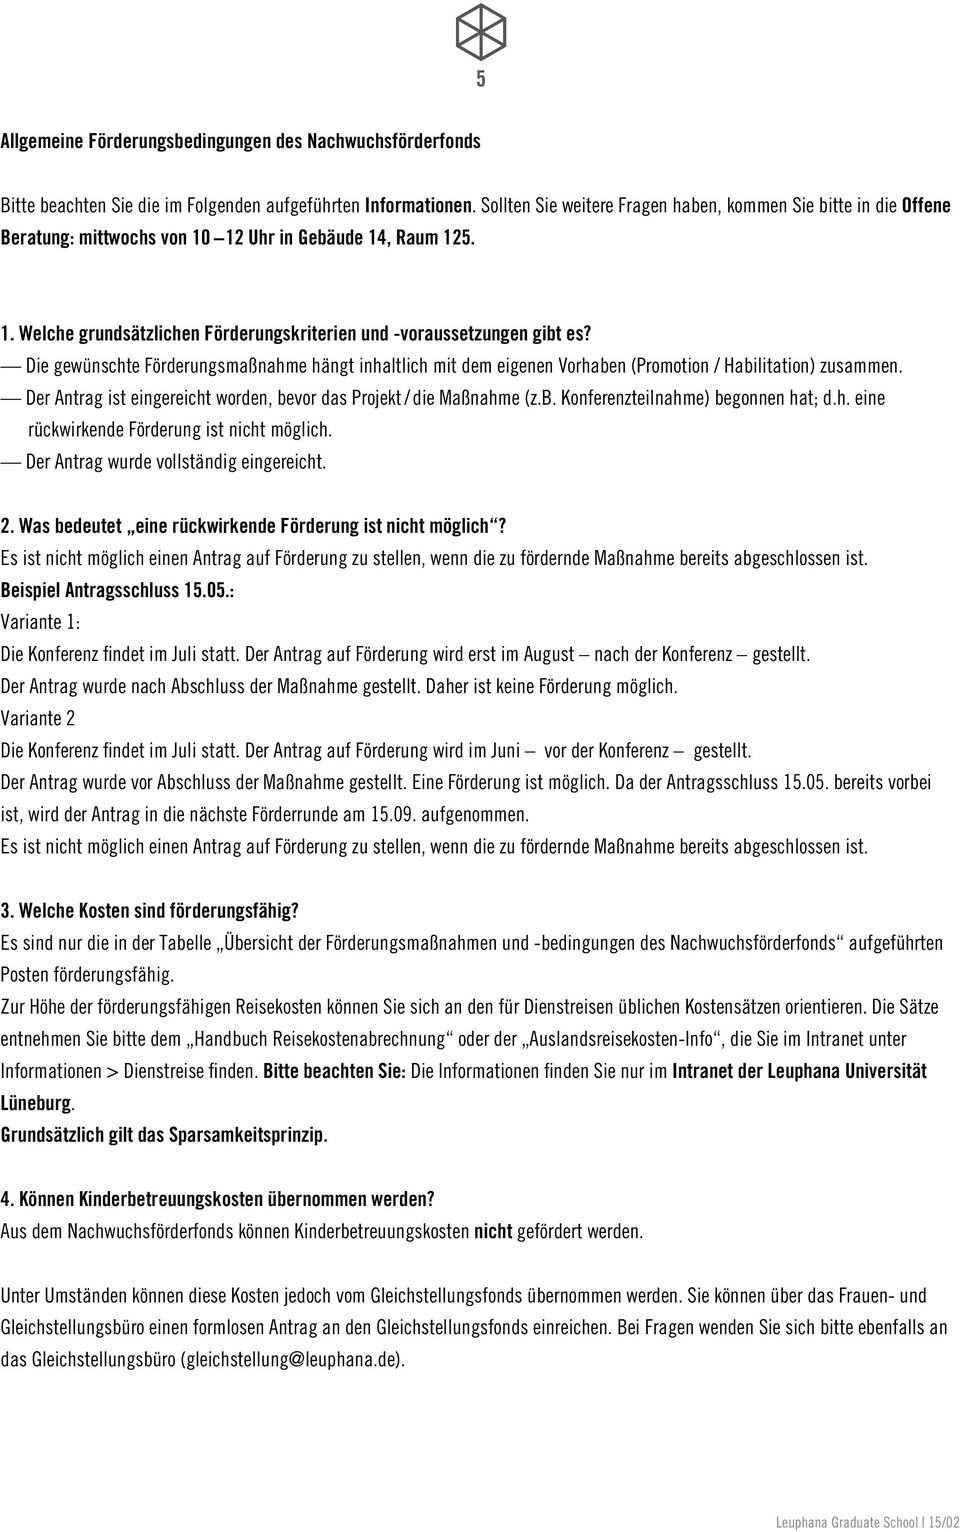 Antrag Auf Forderung Einer Qualifizierungsmassnahme Fur Nachwuchswissenschaftlerinnen Und Nachwuchswissenschaftler Der Leuphana Universitat Luneburg Pdf Kostenfreier Download